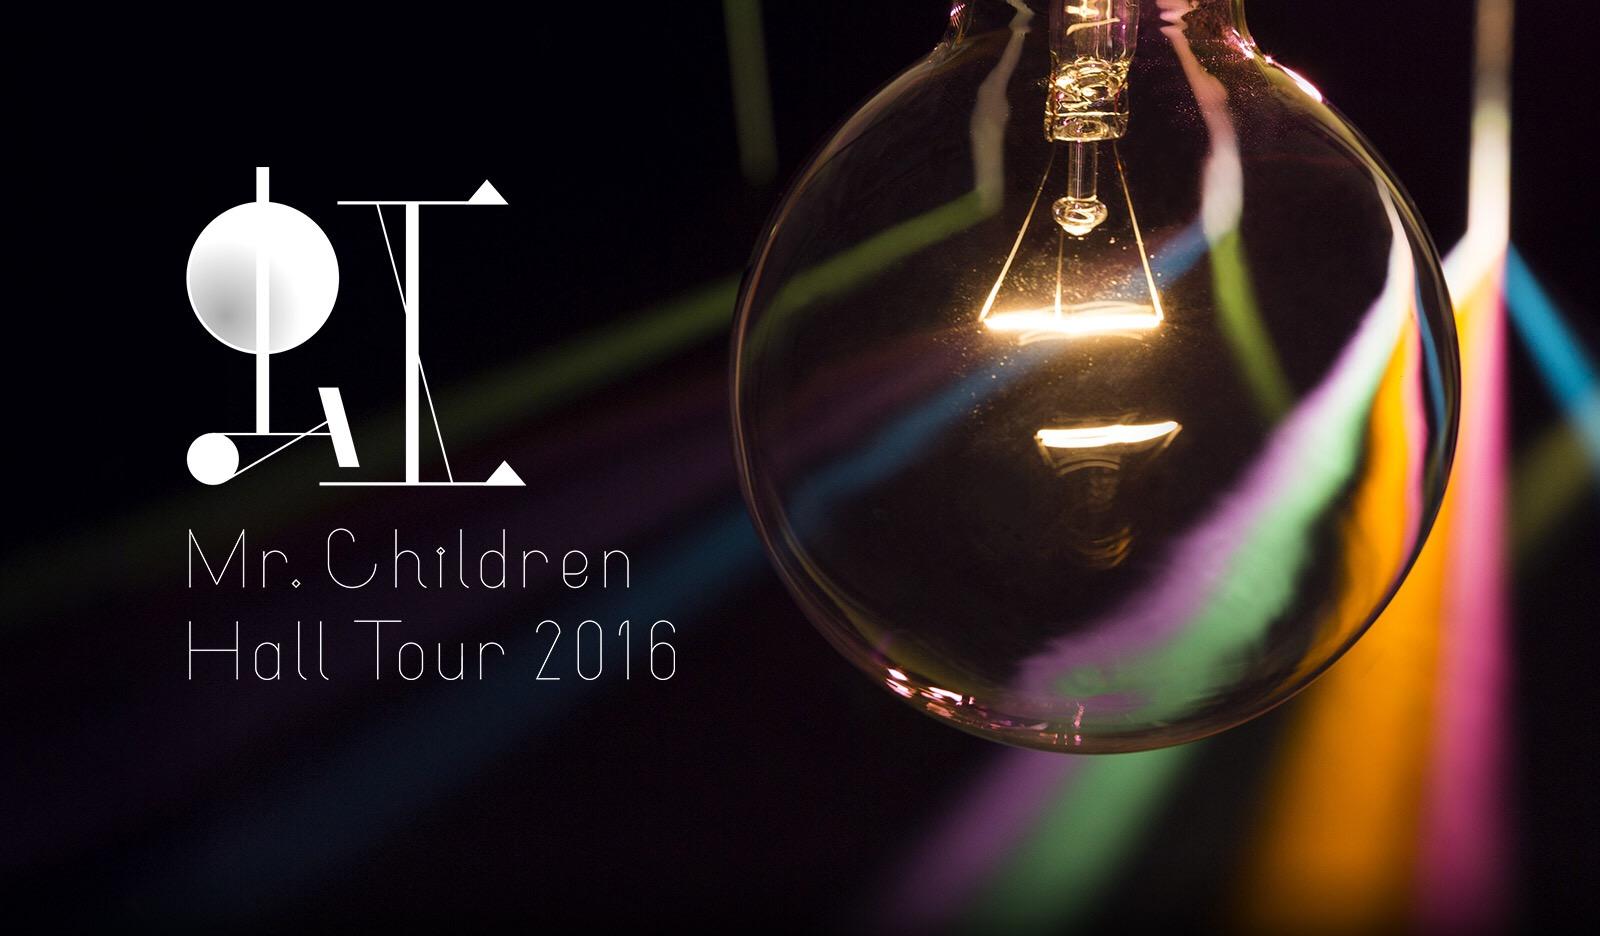 【ミスチル】熊本で追加ライブ決定『 Hall Tour 2016 虹』